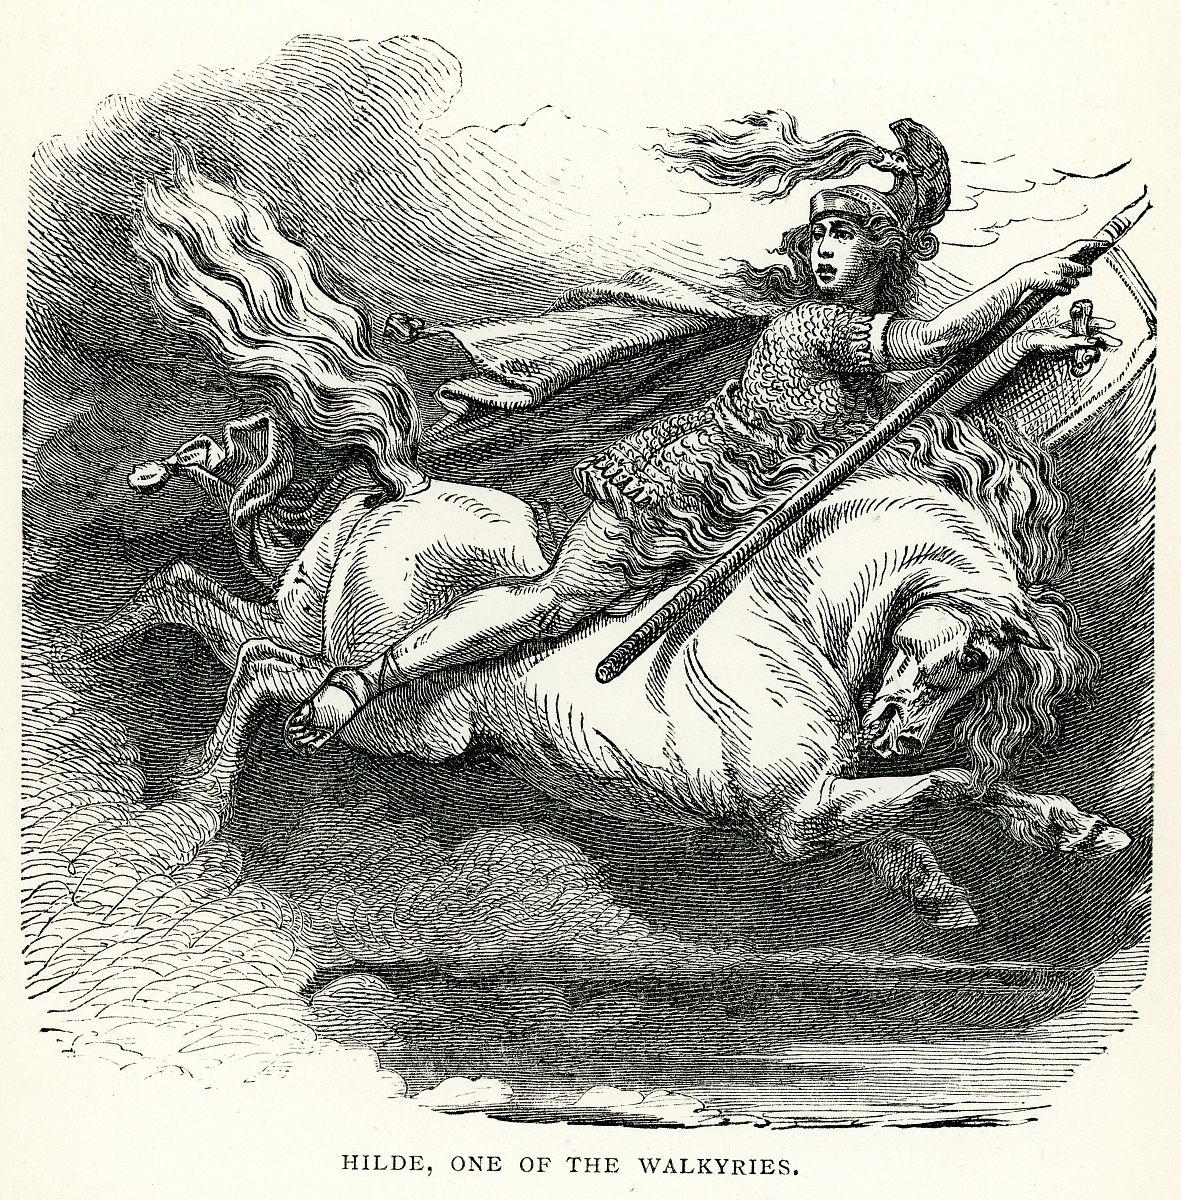 北欧神话-瓦尔基里图片